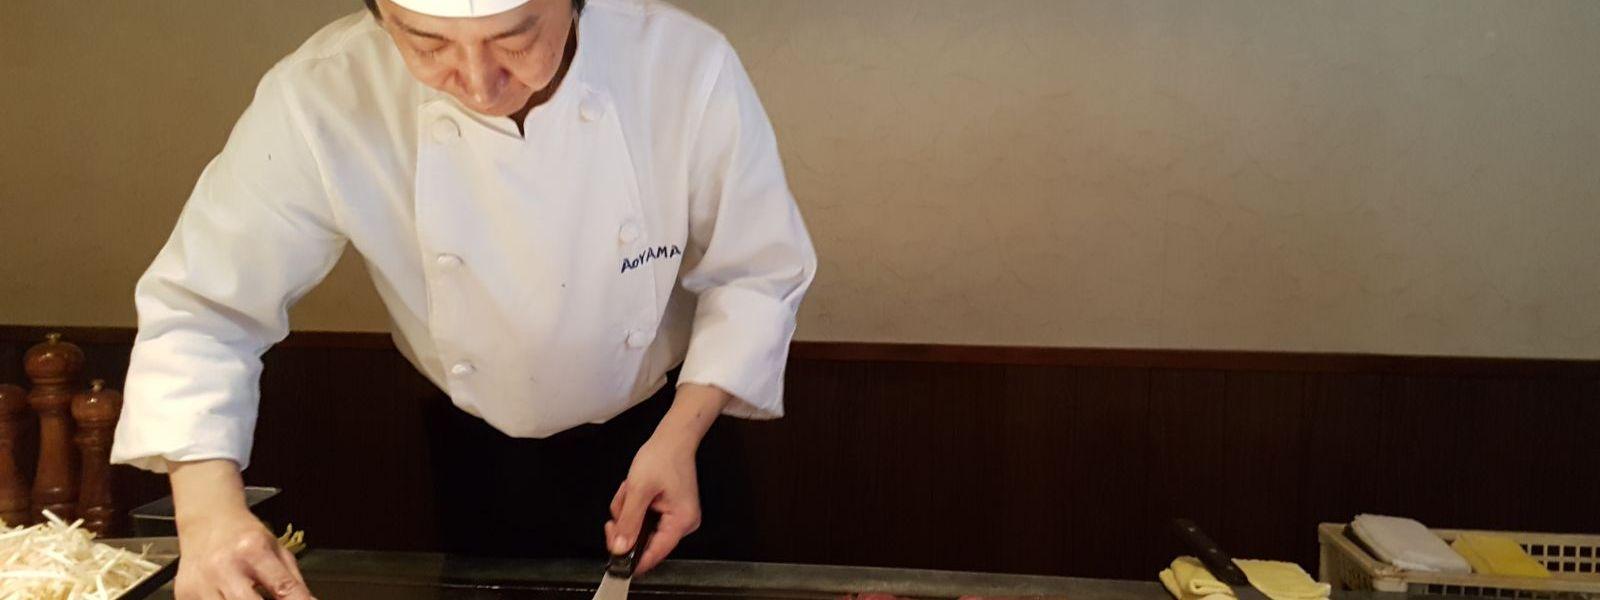 Eating Beef in Kobe